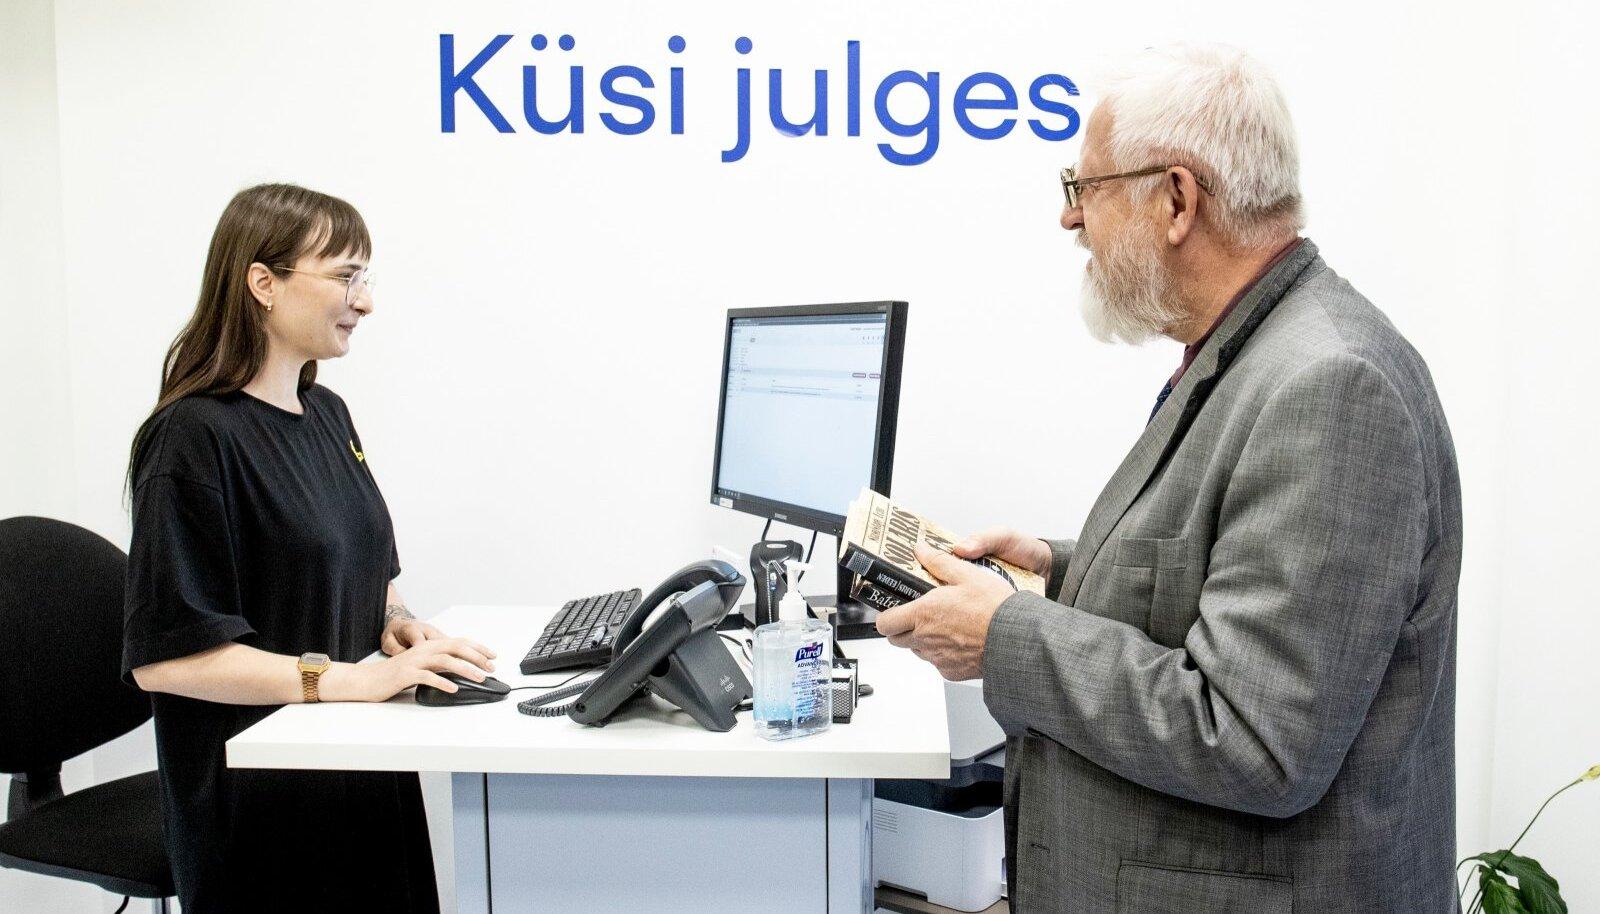 Esimese raamatulaenutuse tegi saatkonnast pikaajaline lugeja ja Eesti Teaduste Akadeemia president Tarmo Soomere,